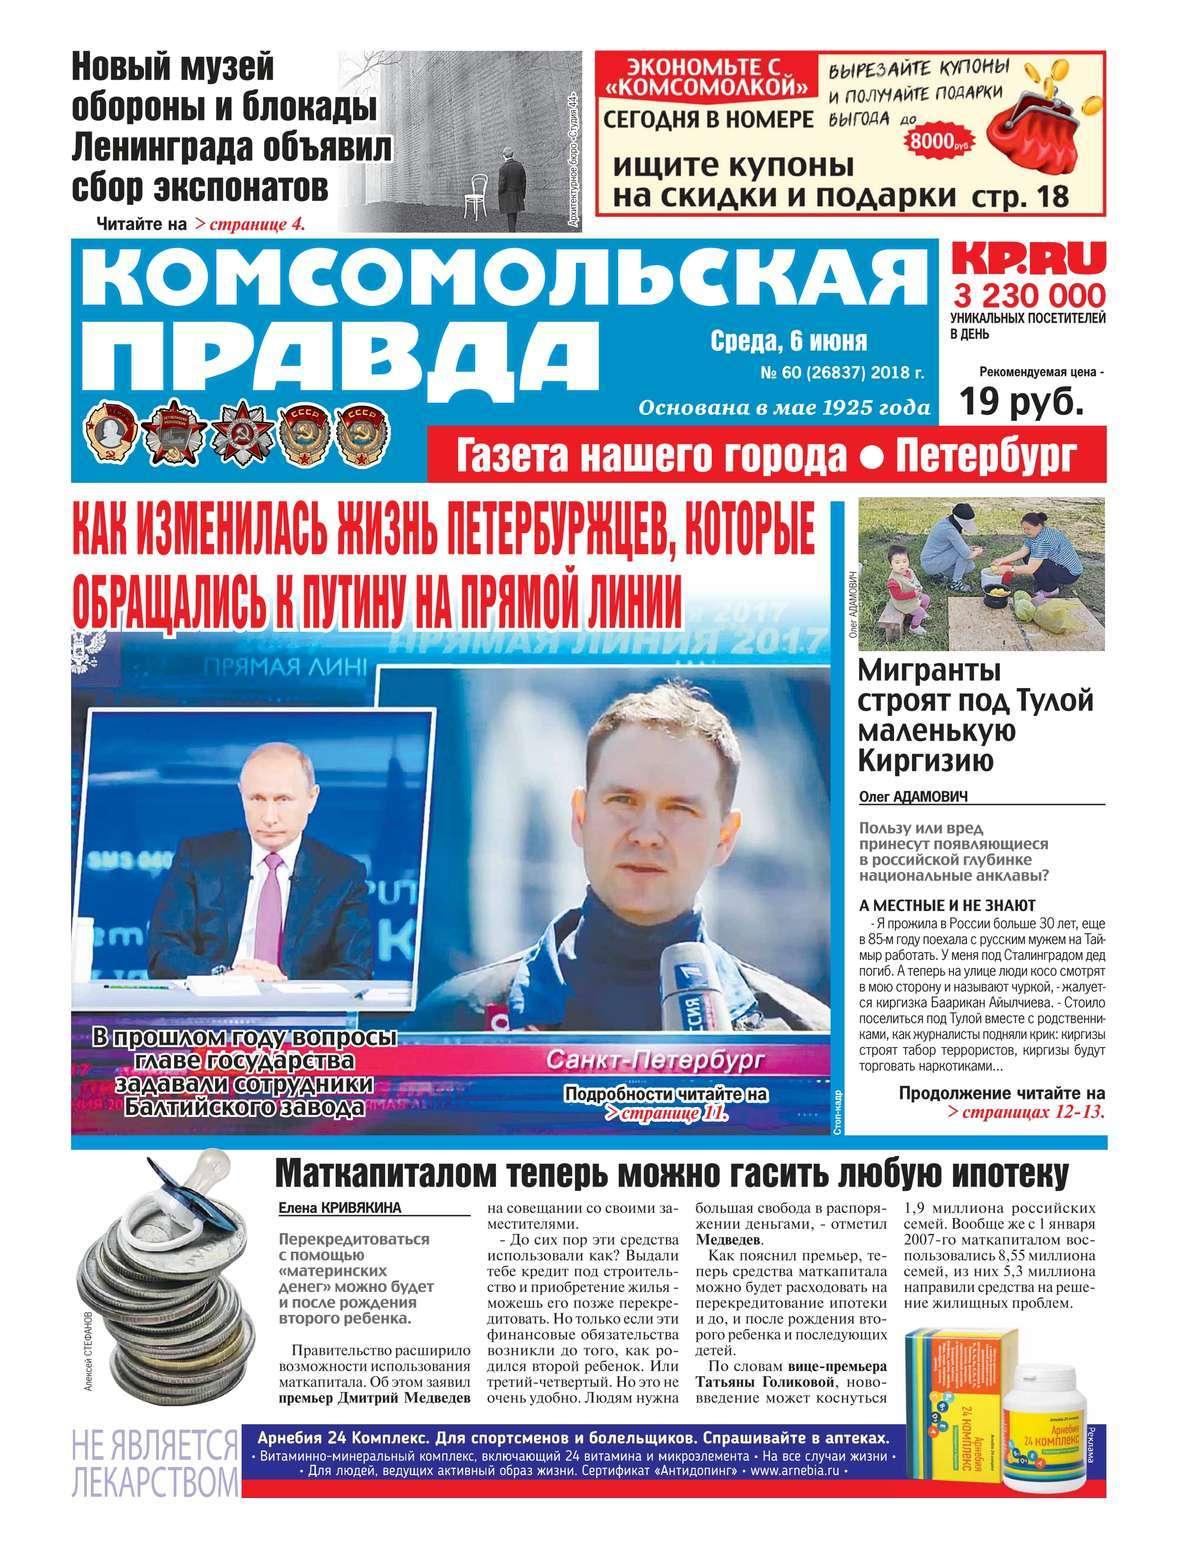 Редакция газеты Комсомольская правда. - Комсомольская Правда. - 60-2018